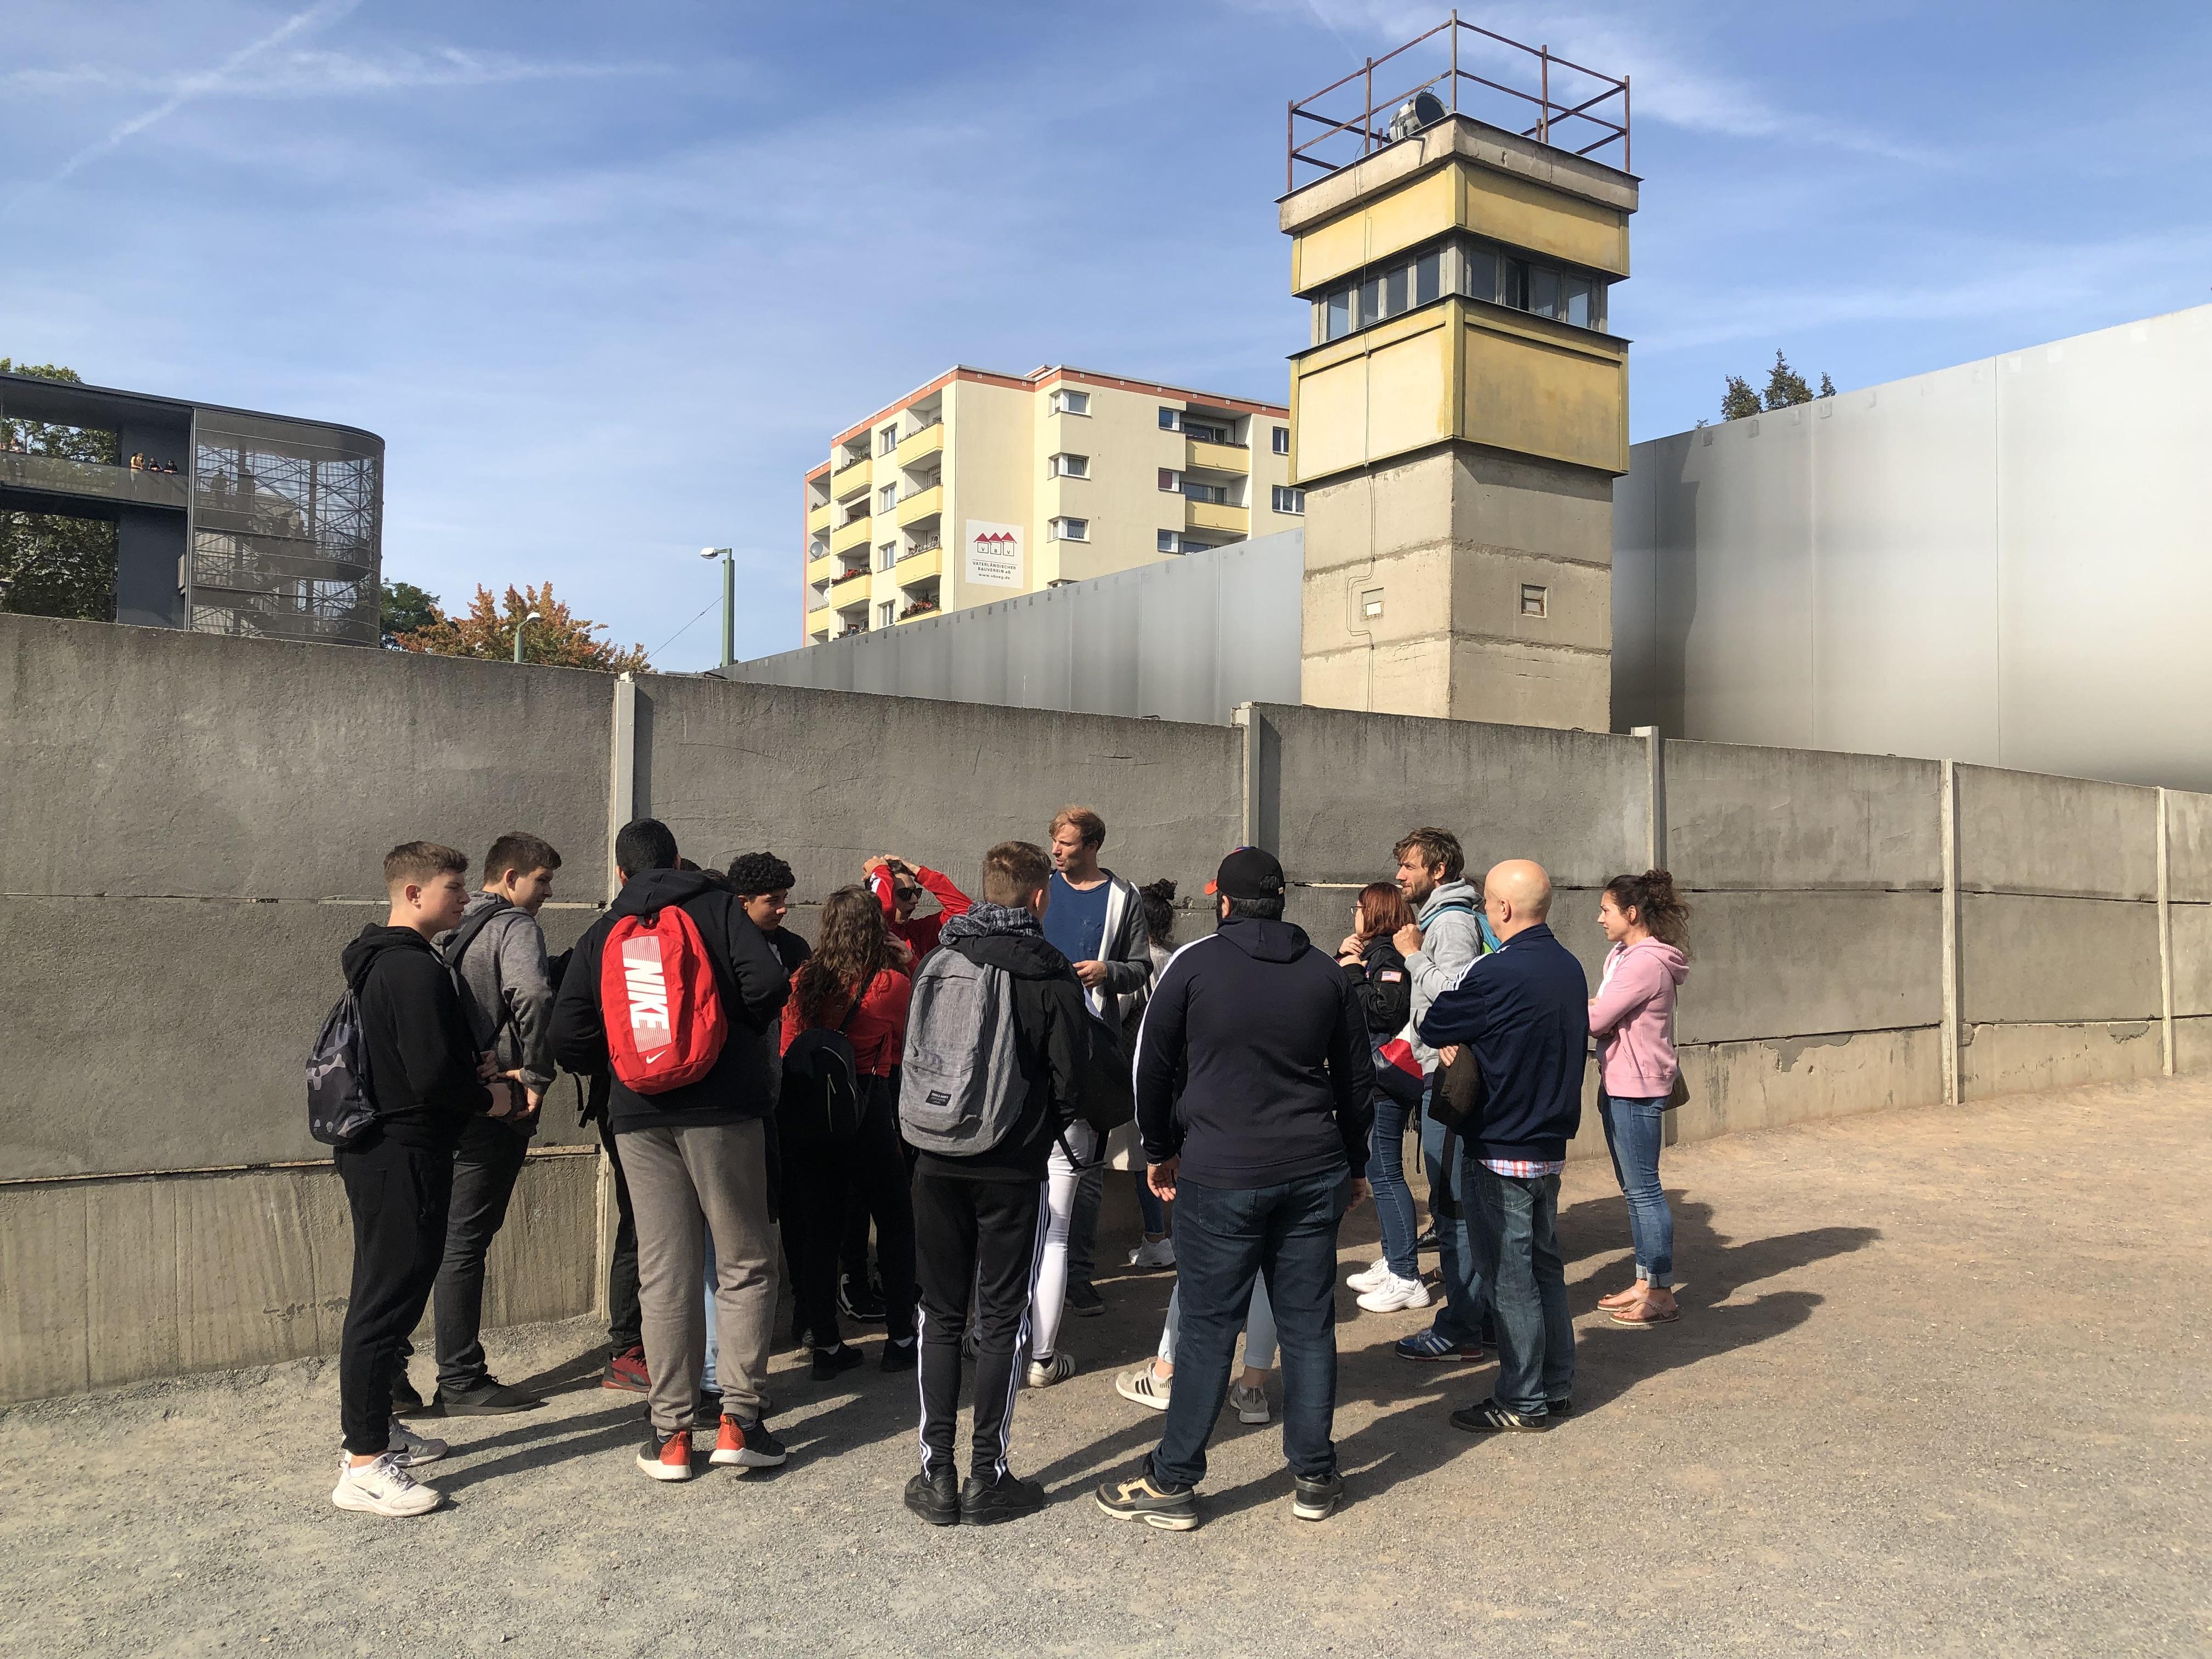 Jugendliche vor der Gedenkstätte Berliner Mauer